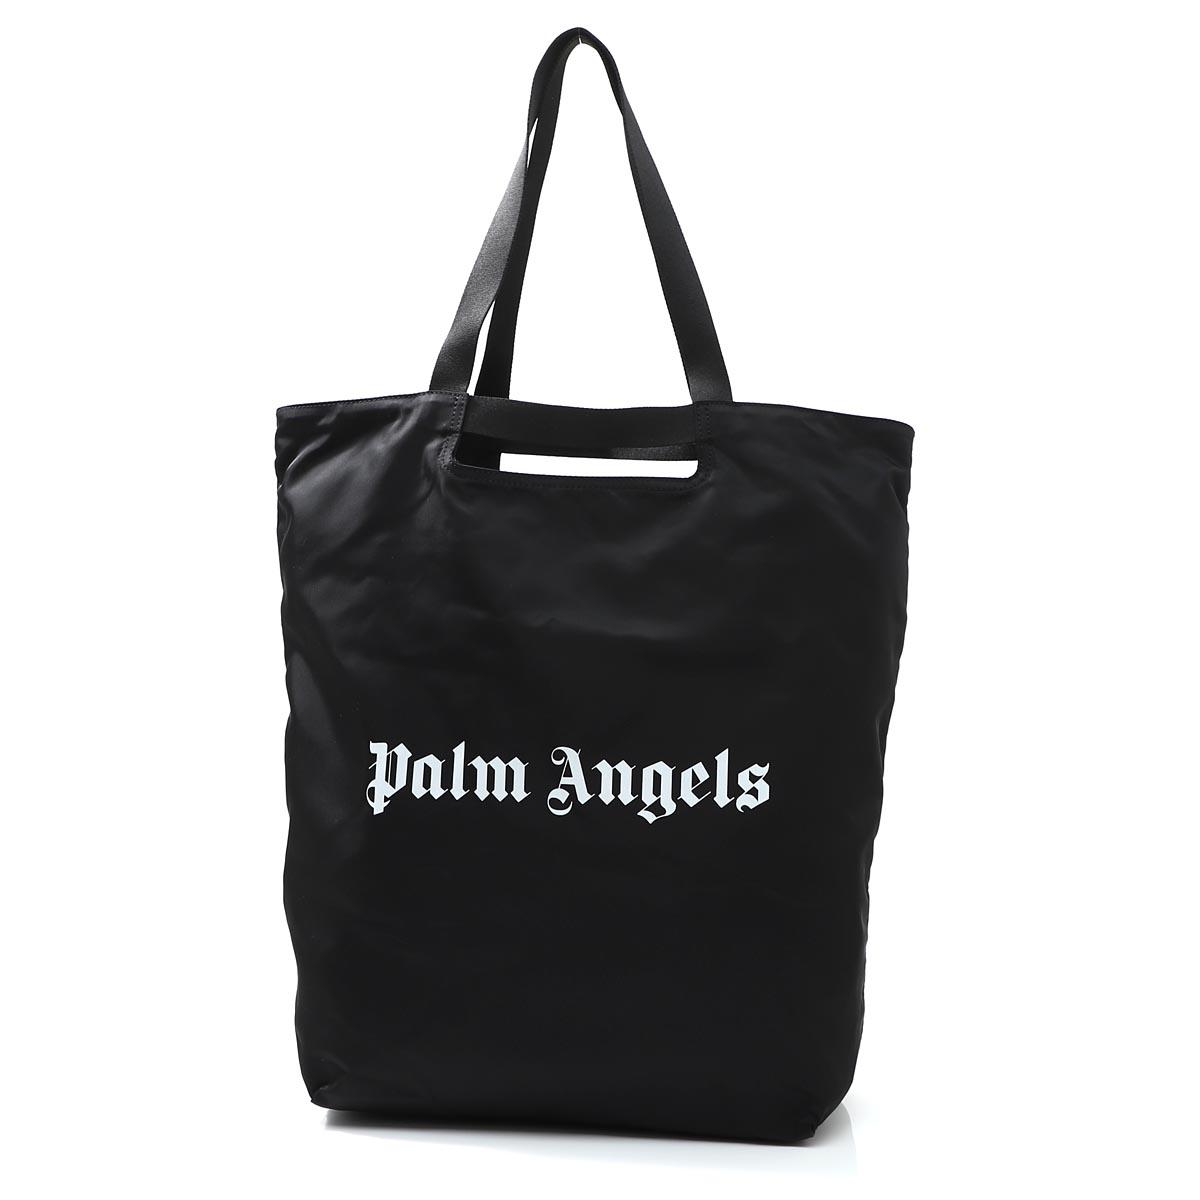 【タイムセール】PALM ANGELS パーム エンジェルス トートバッグ/PALM ANGELS SHOPPER メンズ